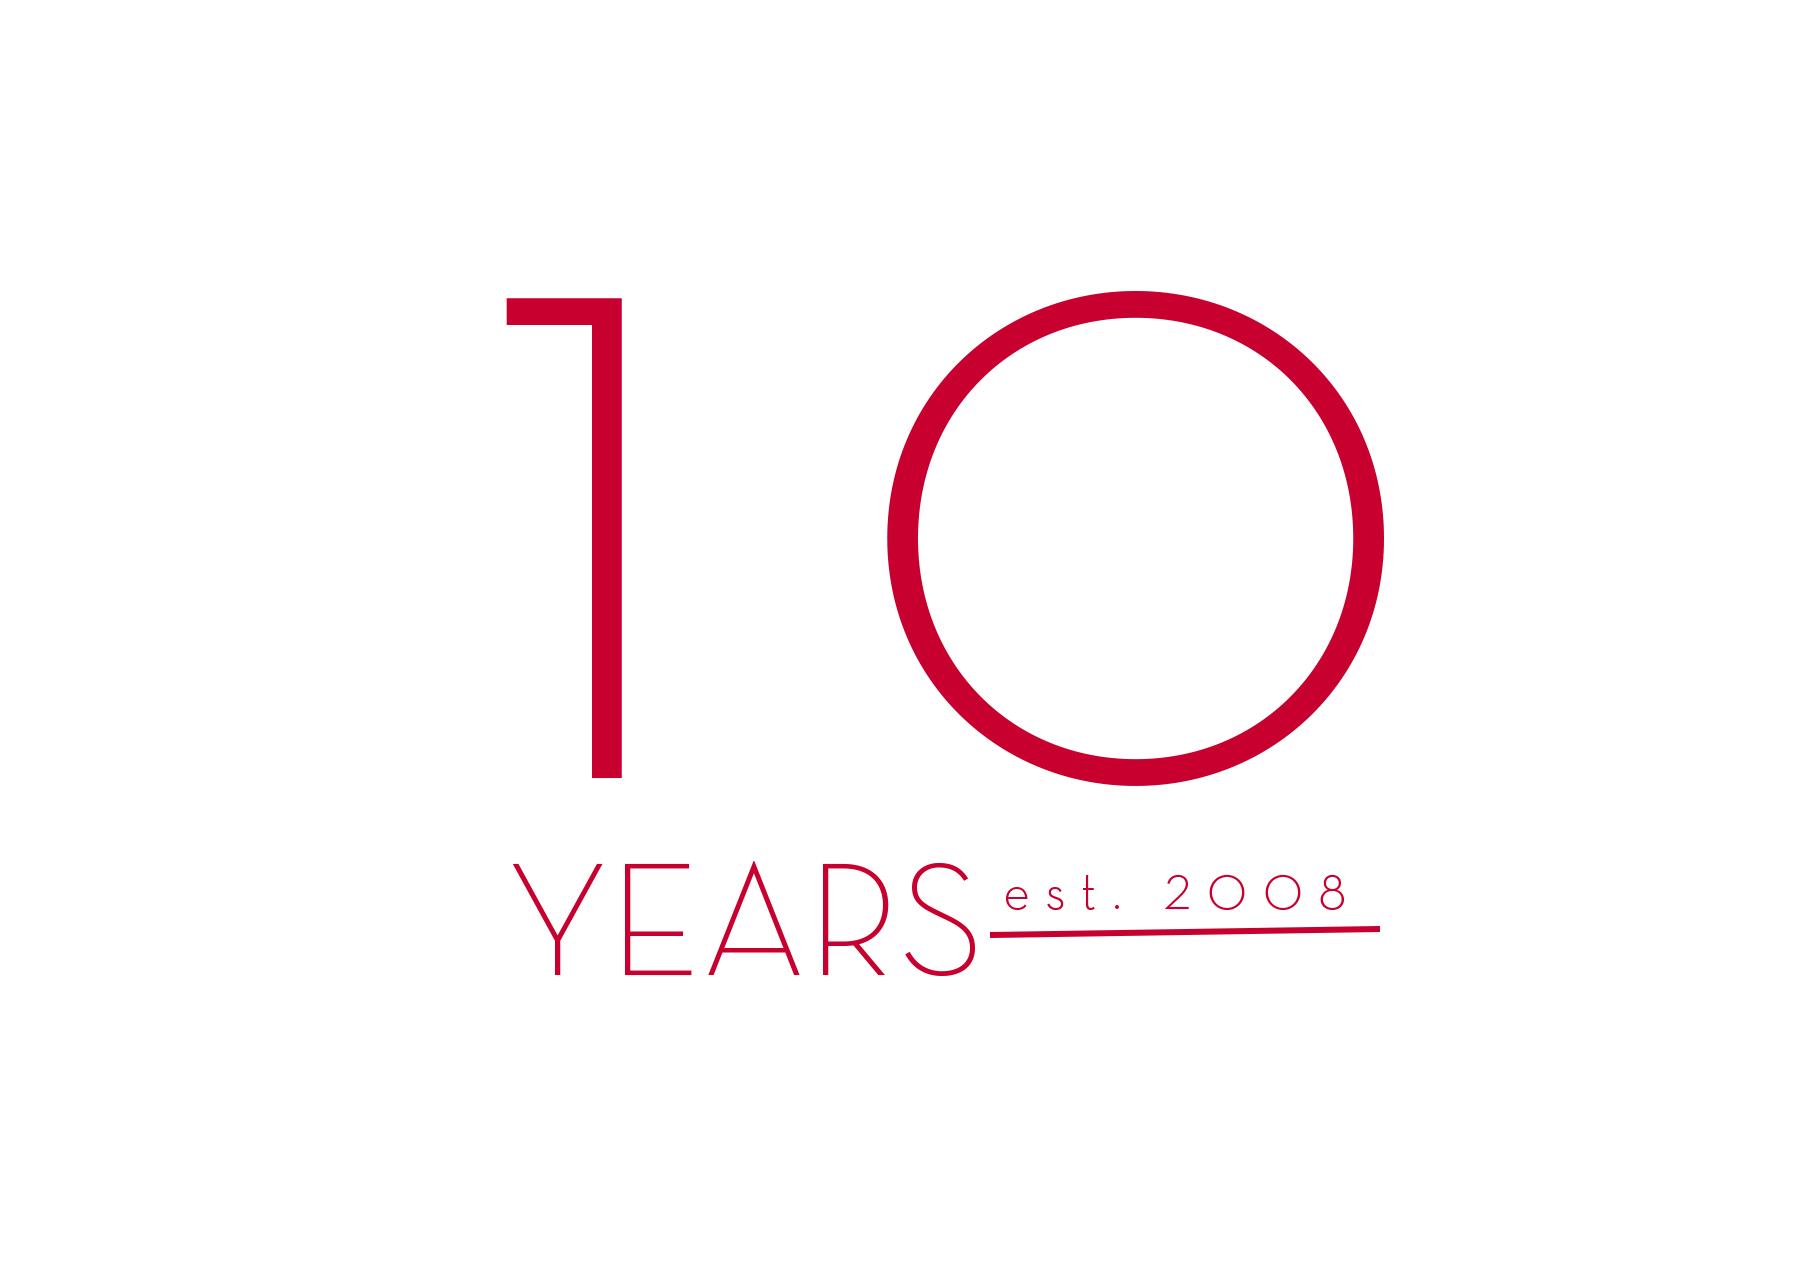 Einladung_ 10_Jahre_A6 - hinten 4.jpg